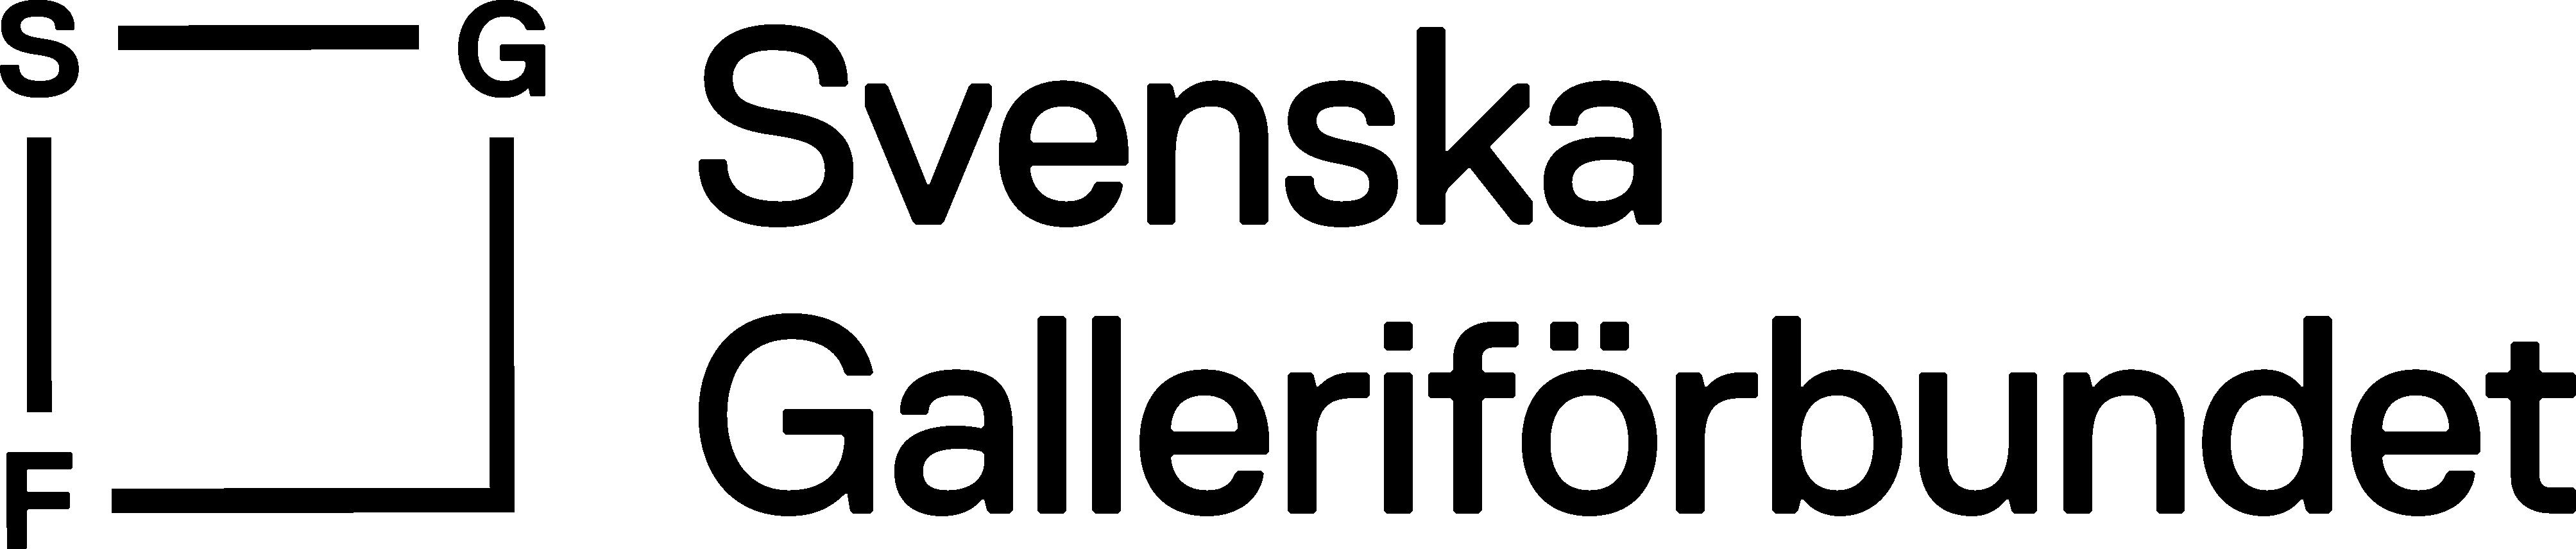 Svenska Galleriförbundet